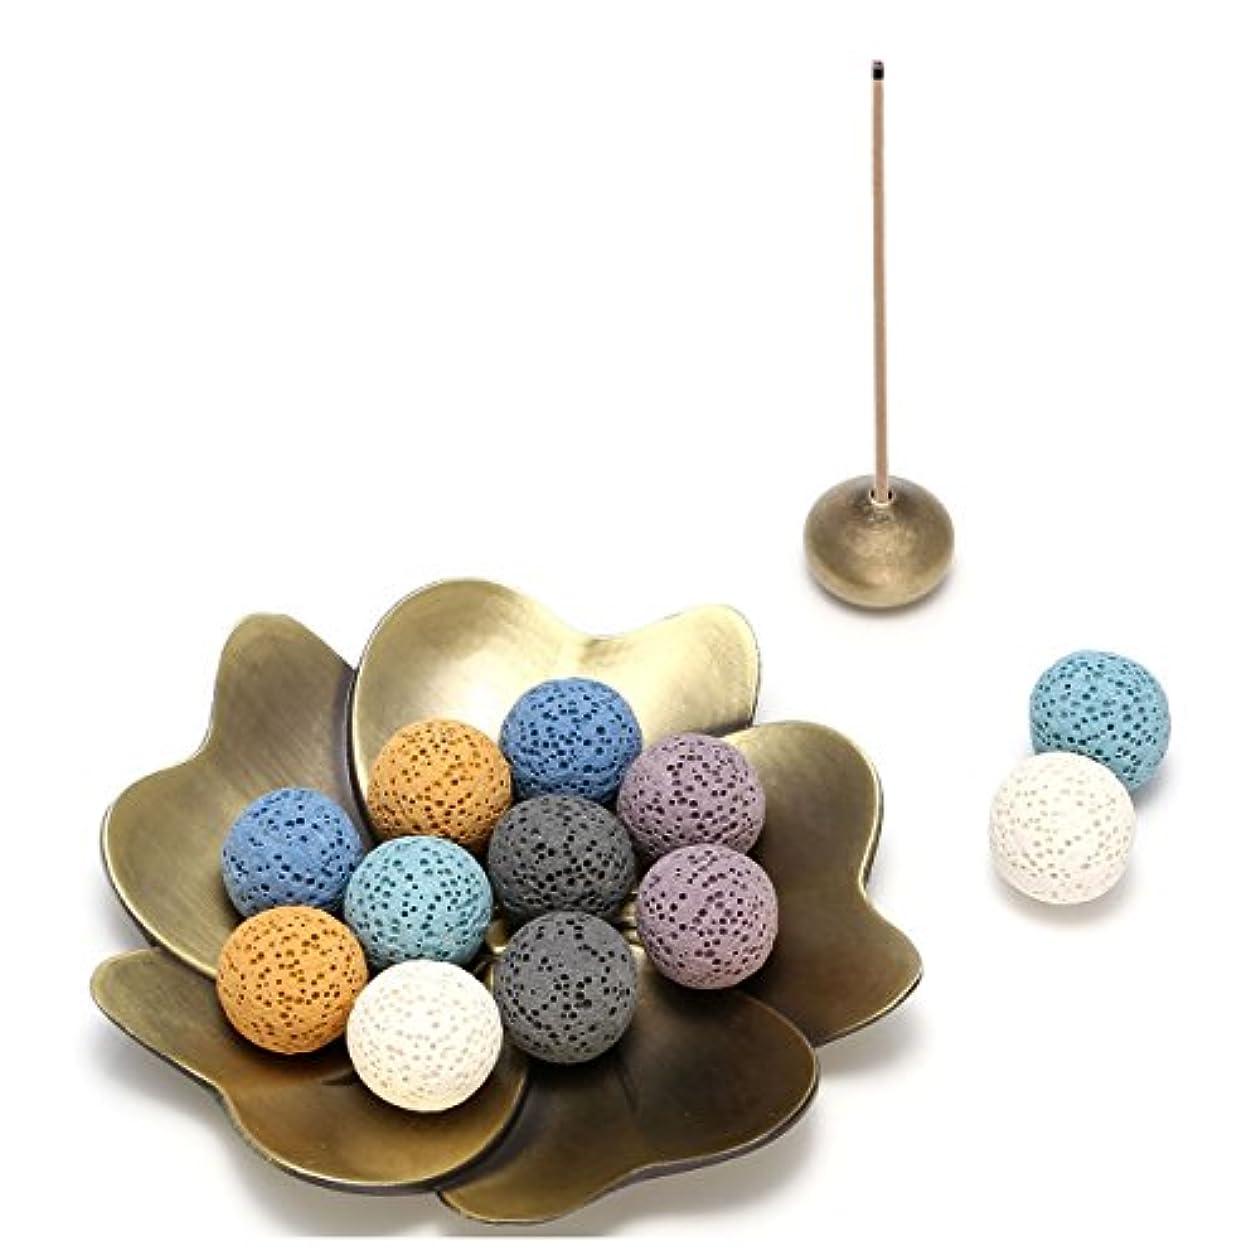 コンペ計器世紀(Lava Stone Ball Beads) - Jovivi 14 pcs Lava Stone Beads for Essential Oils W/Sakura Brass Incense Burner Stick Incense Holder - Aromatherapy Diffuser Decoration Set(Lava Stone Ball Beads)